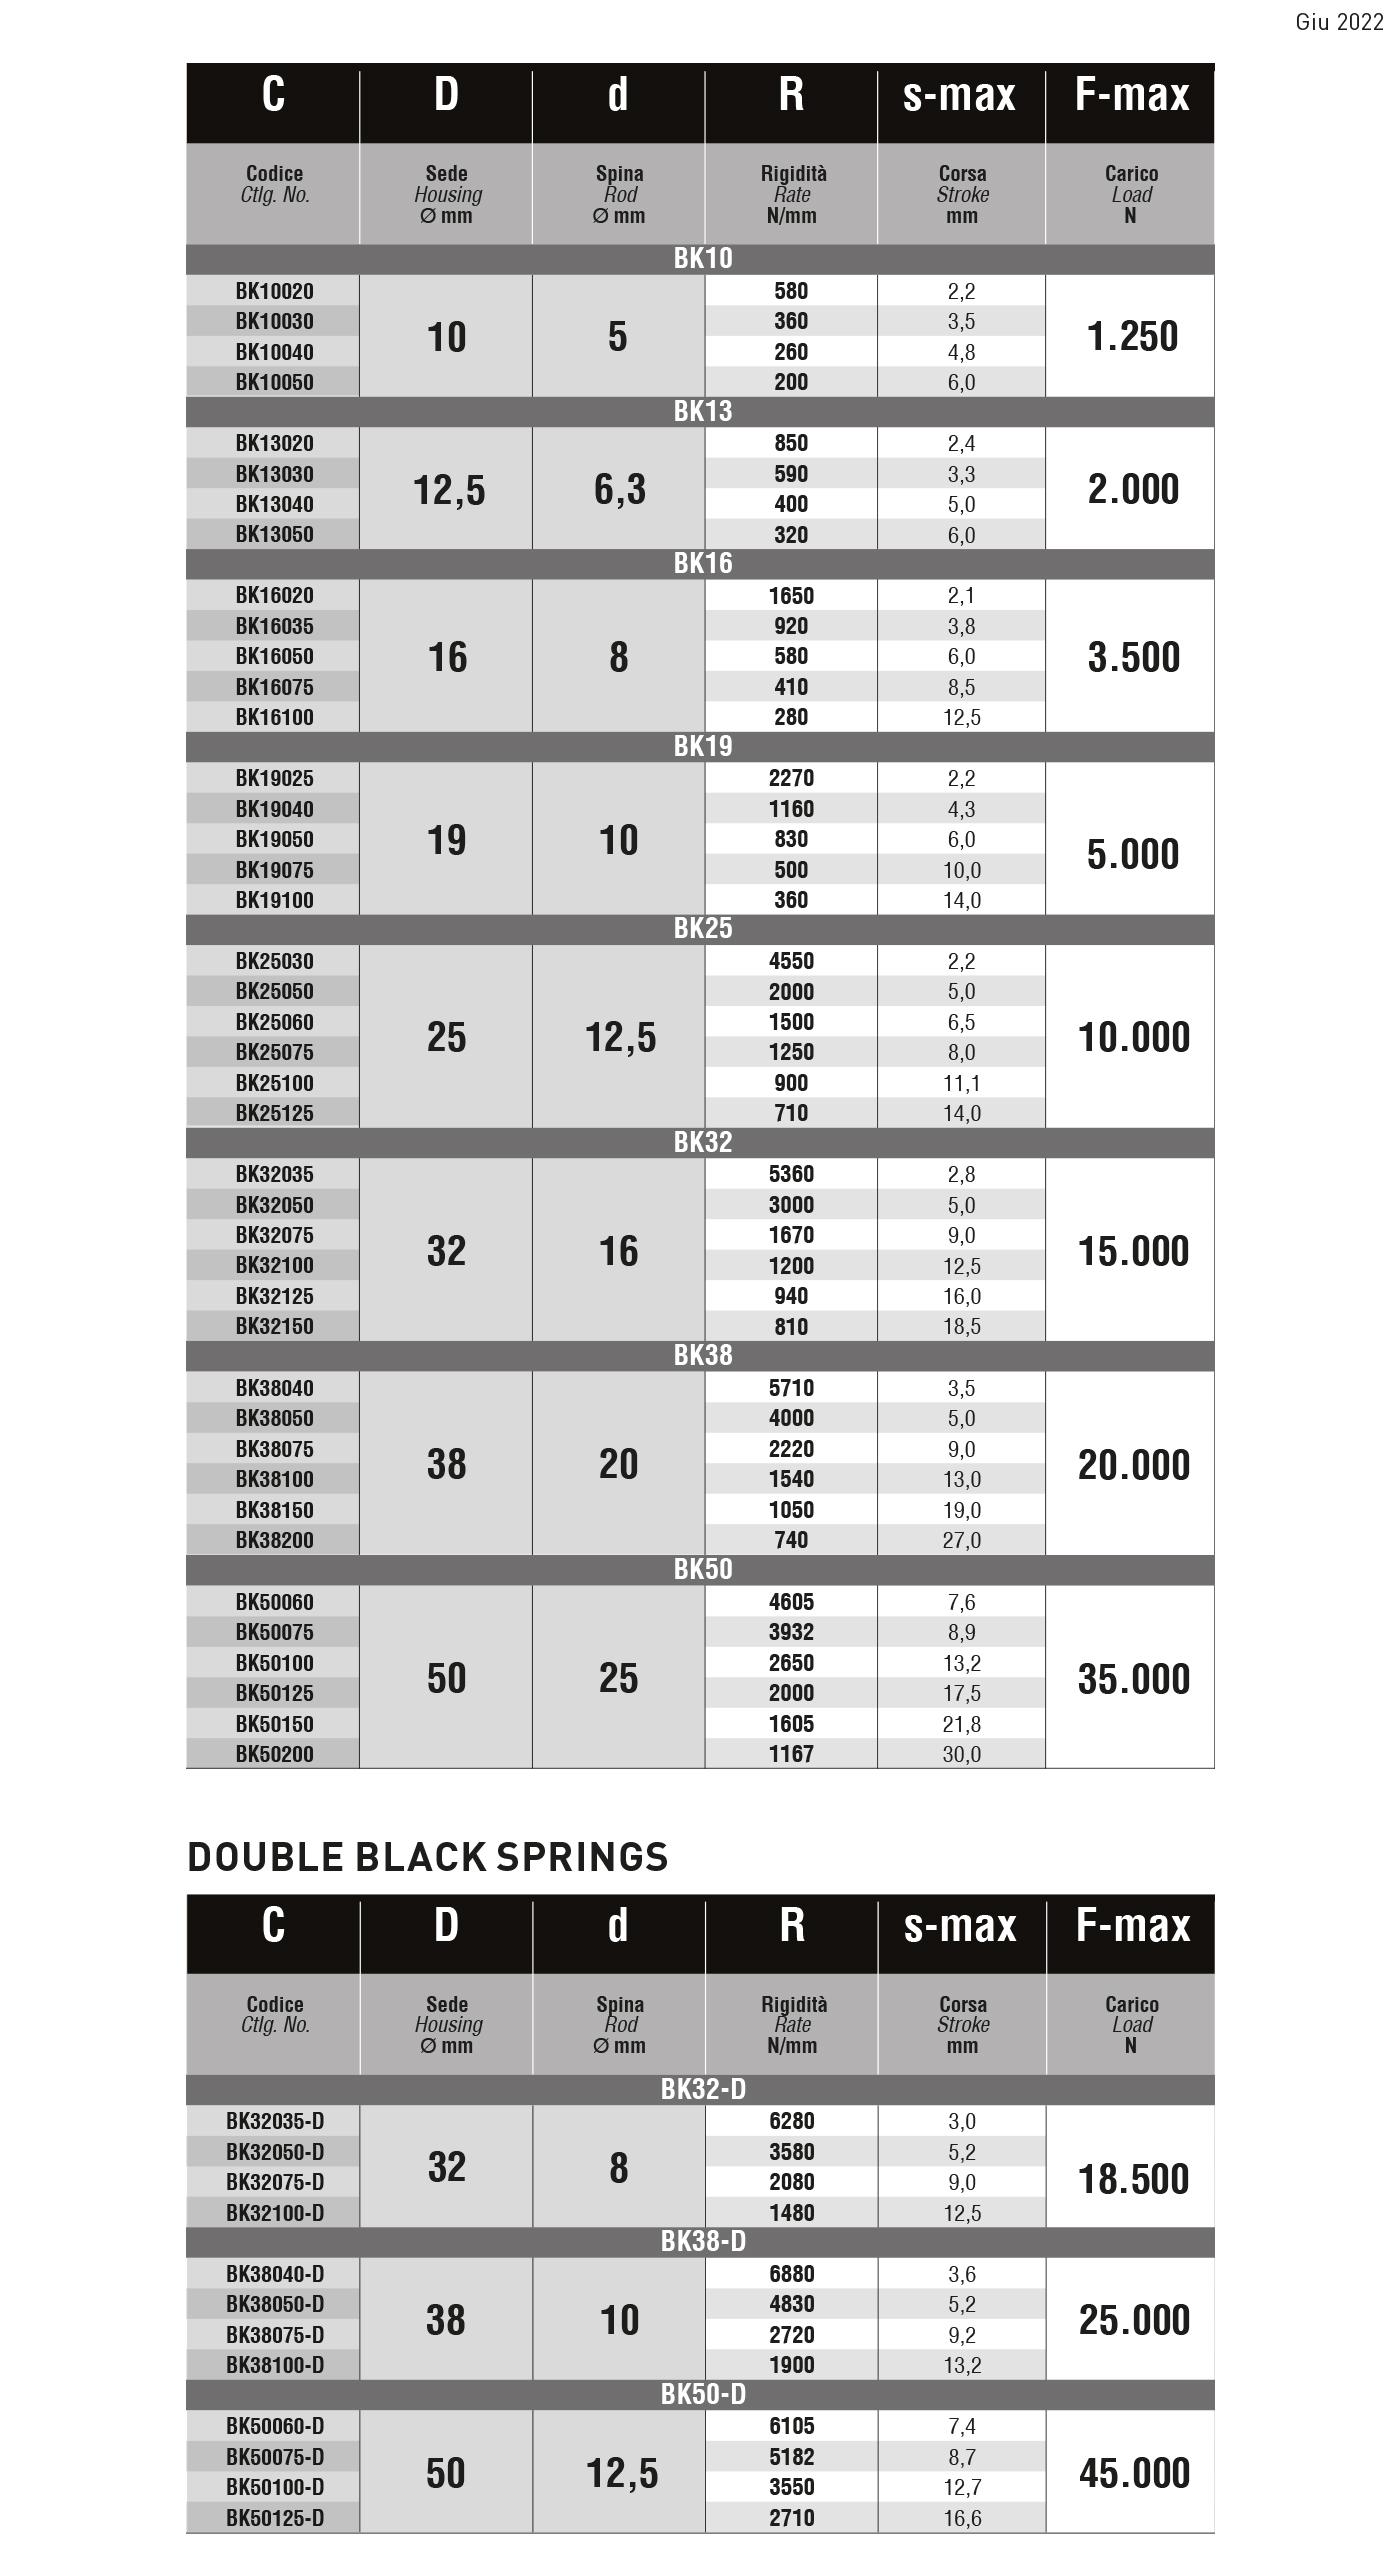 tabella carico eccezionale BK